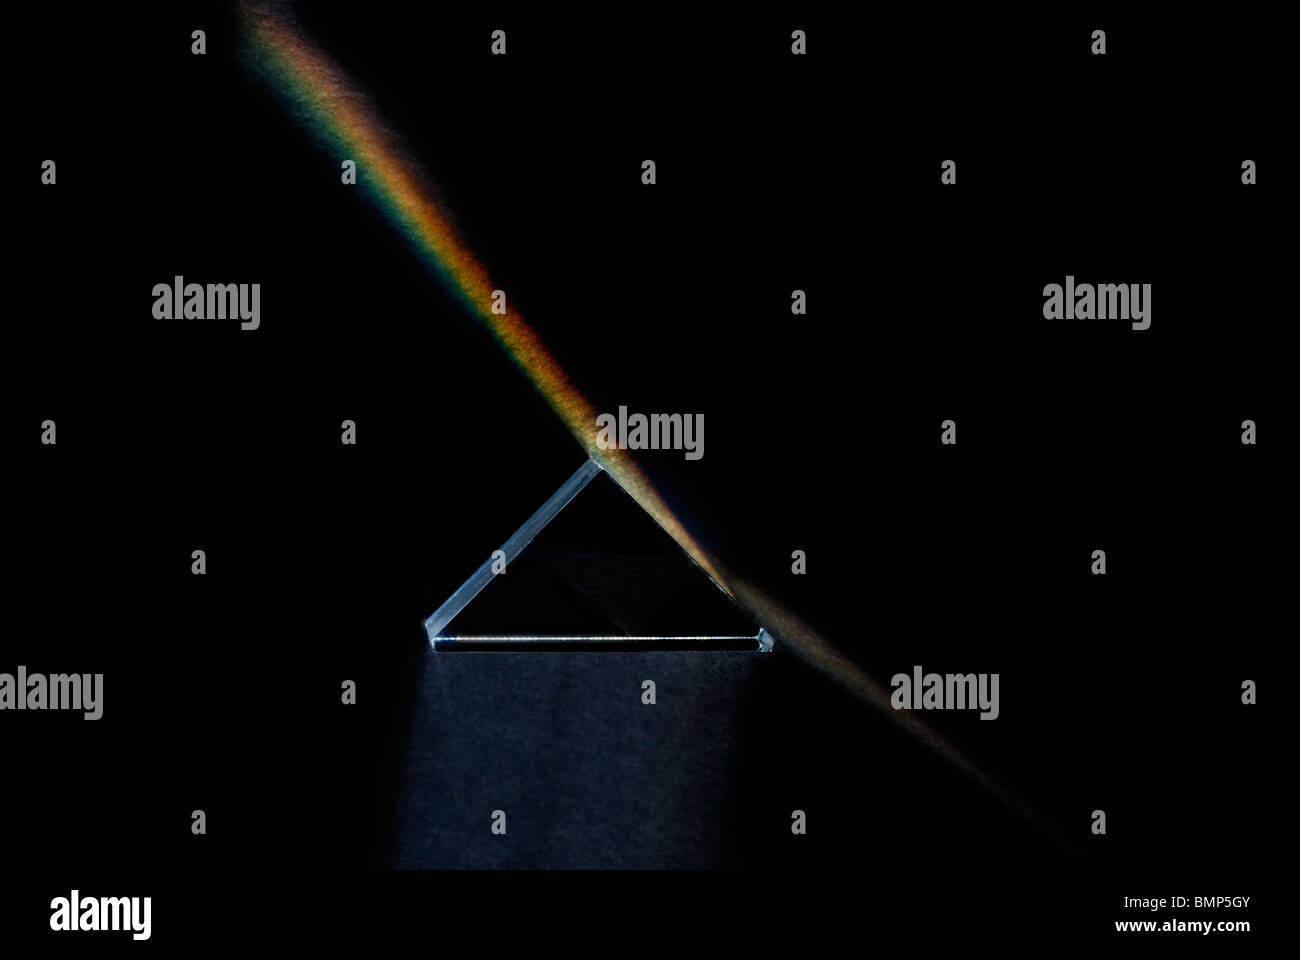 Prisme triangulaire Photo Stock